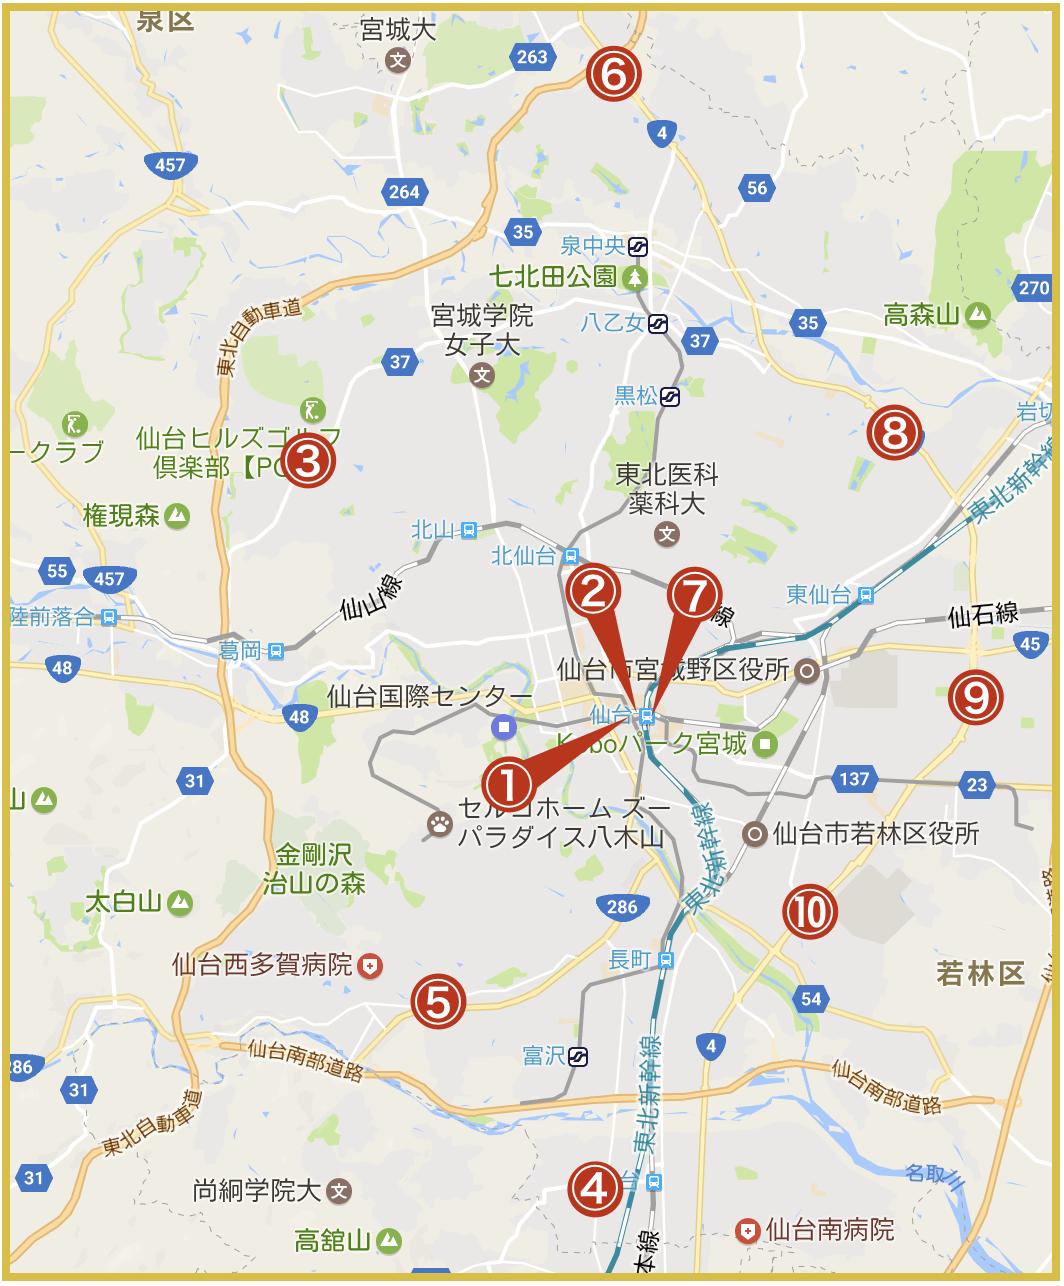 仙台市にあるプロミス店舗・ATMの位置(2019年12月版)